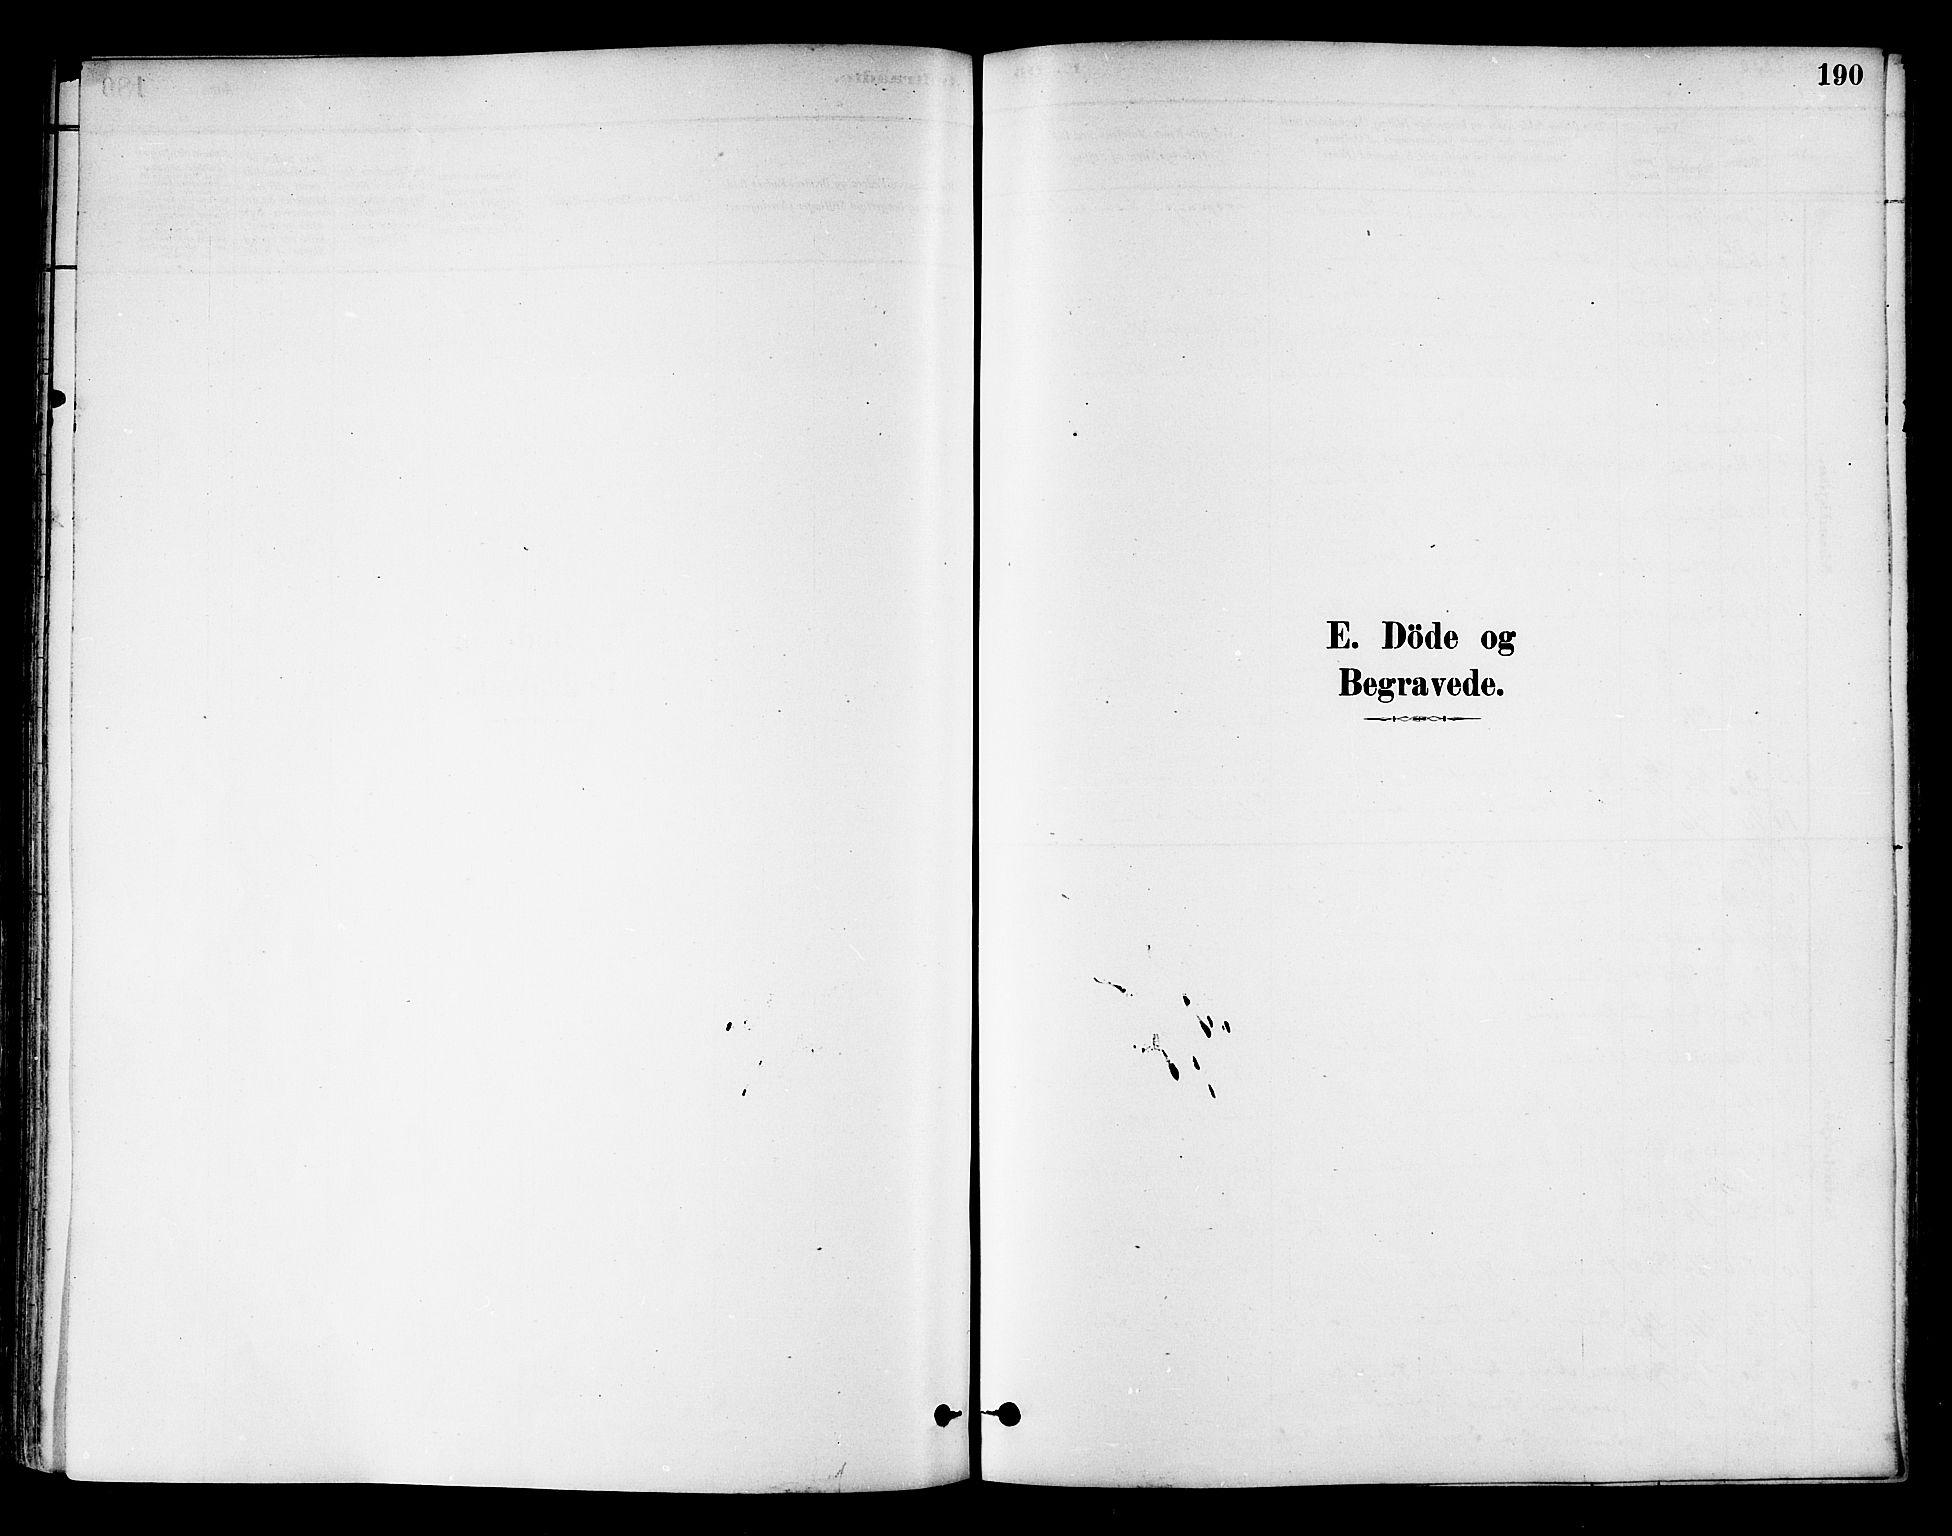 SAT, Ministerialprotokoller, klokkerbøker og fødselsregistre - Nord-Trøndelag, 786/L0686: Ministerialbok nr. 786A02, 1880-1887, s. 190